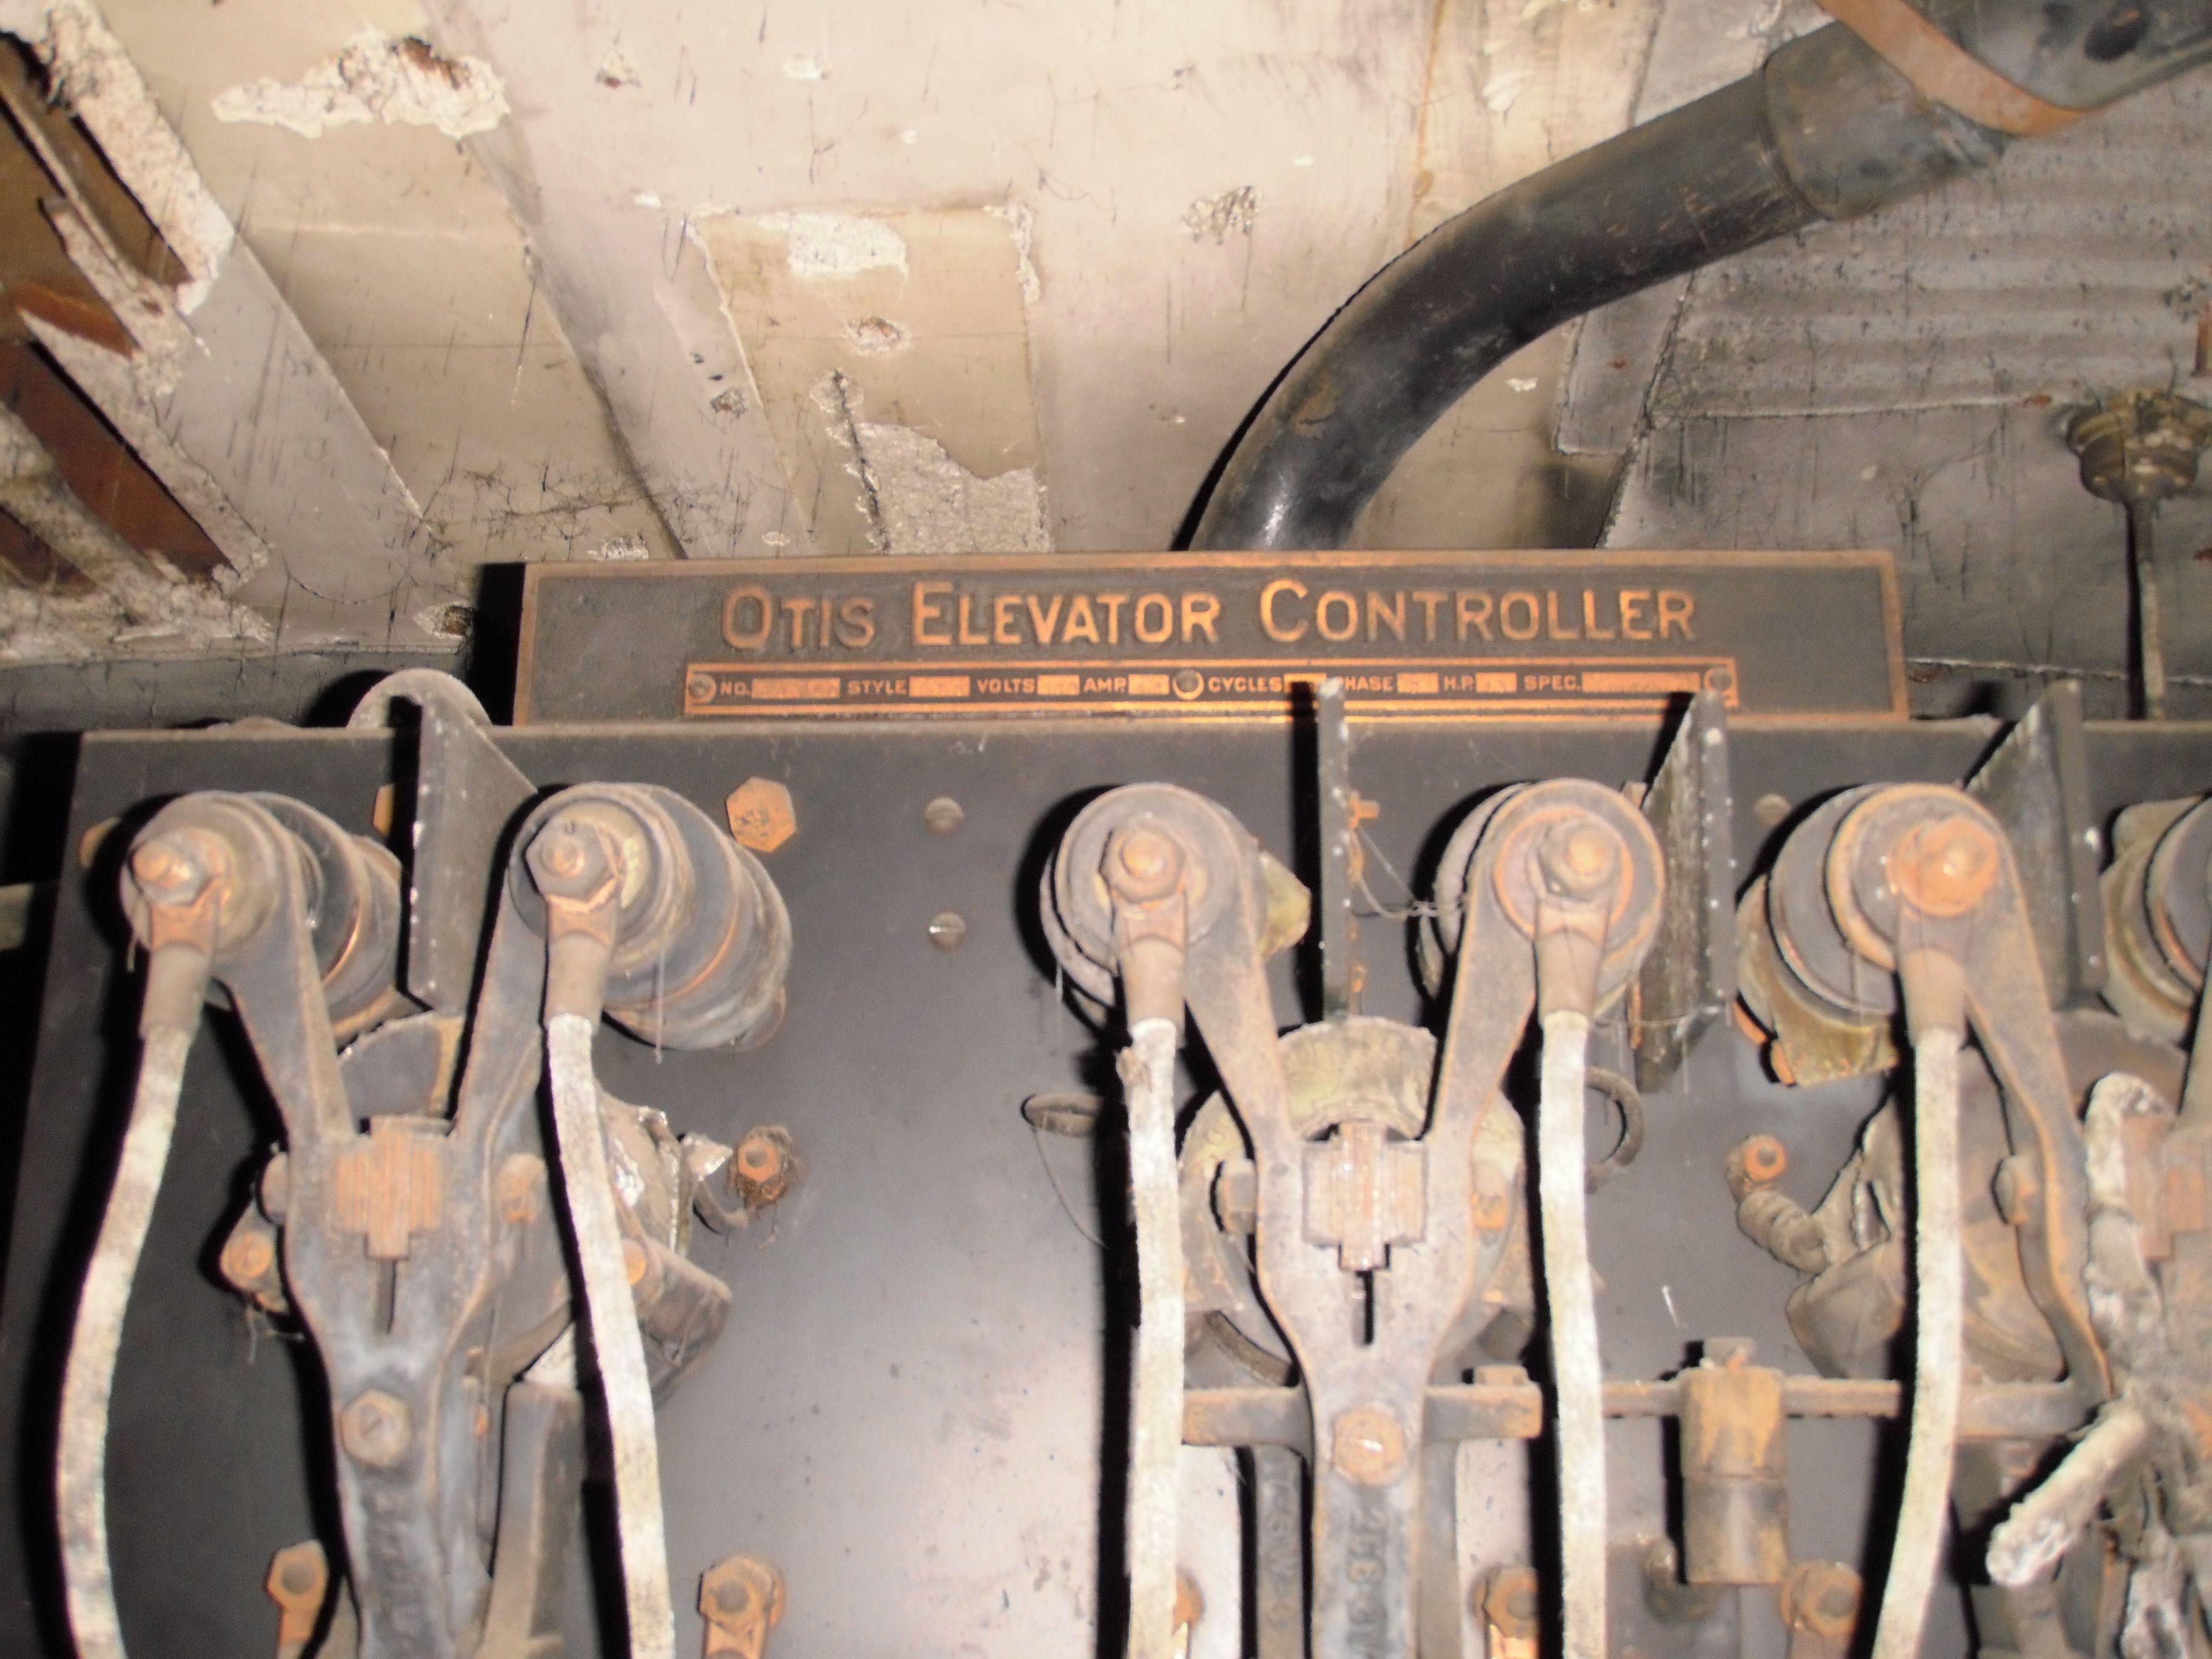 1894 Otis Elevator Controller